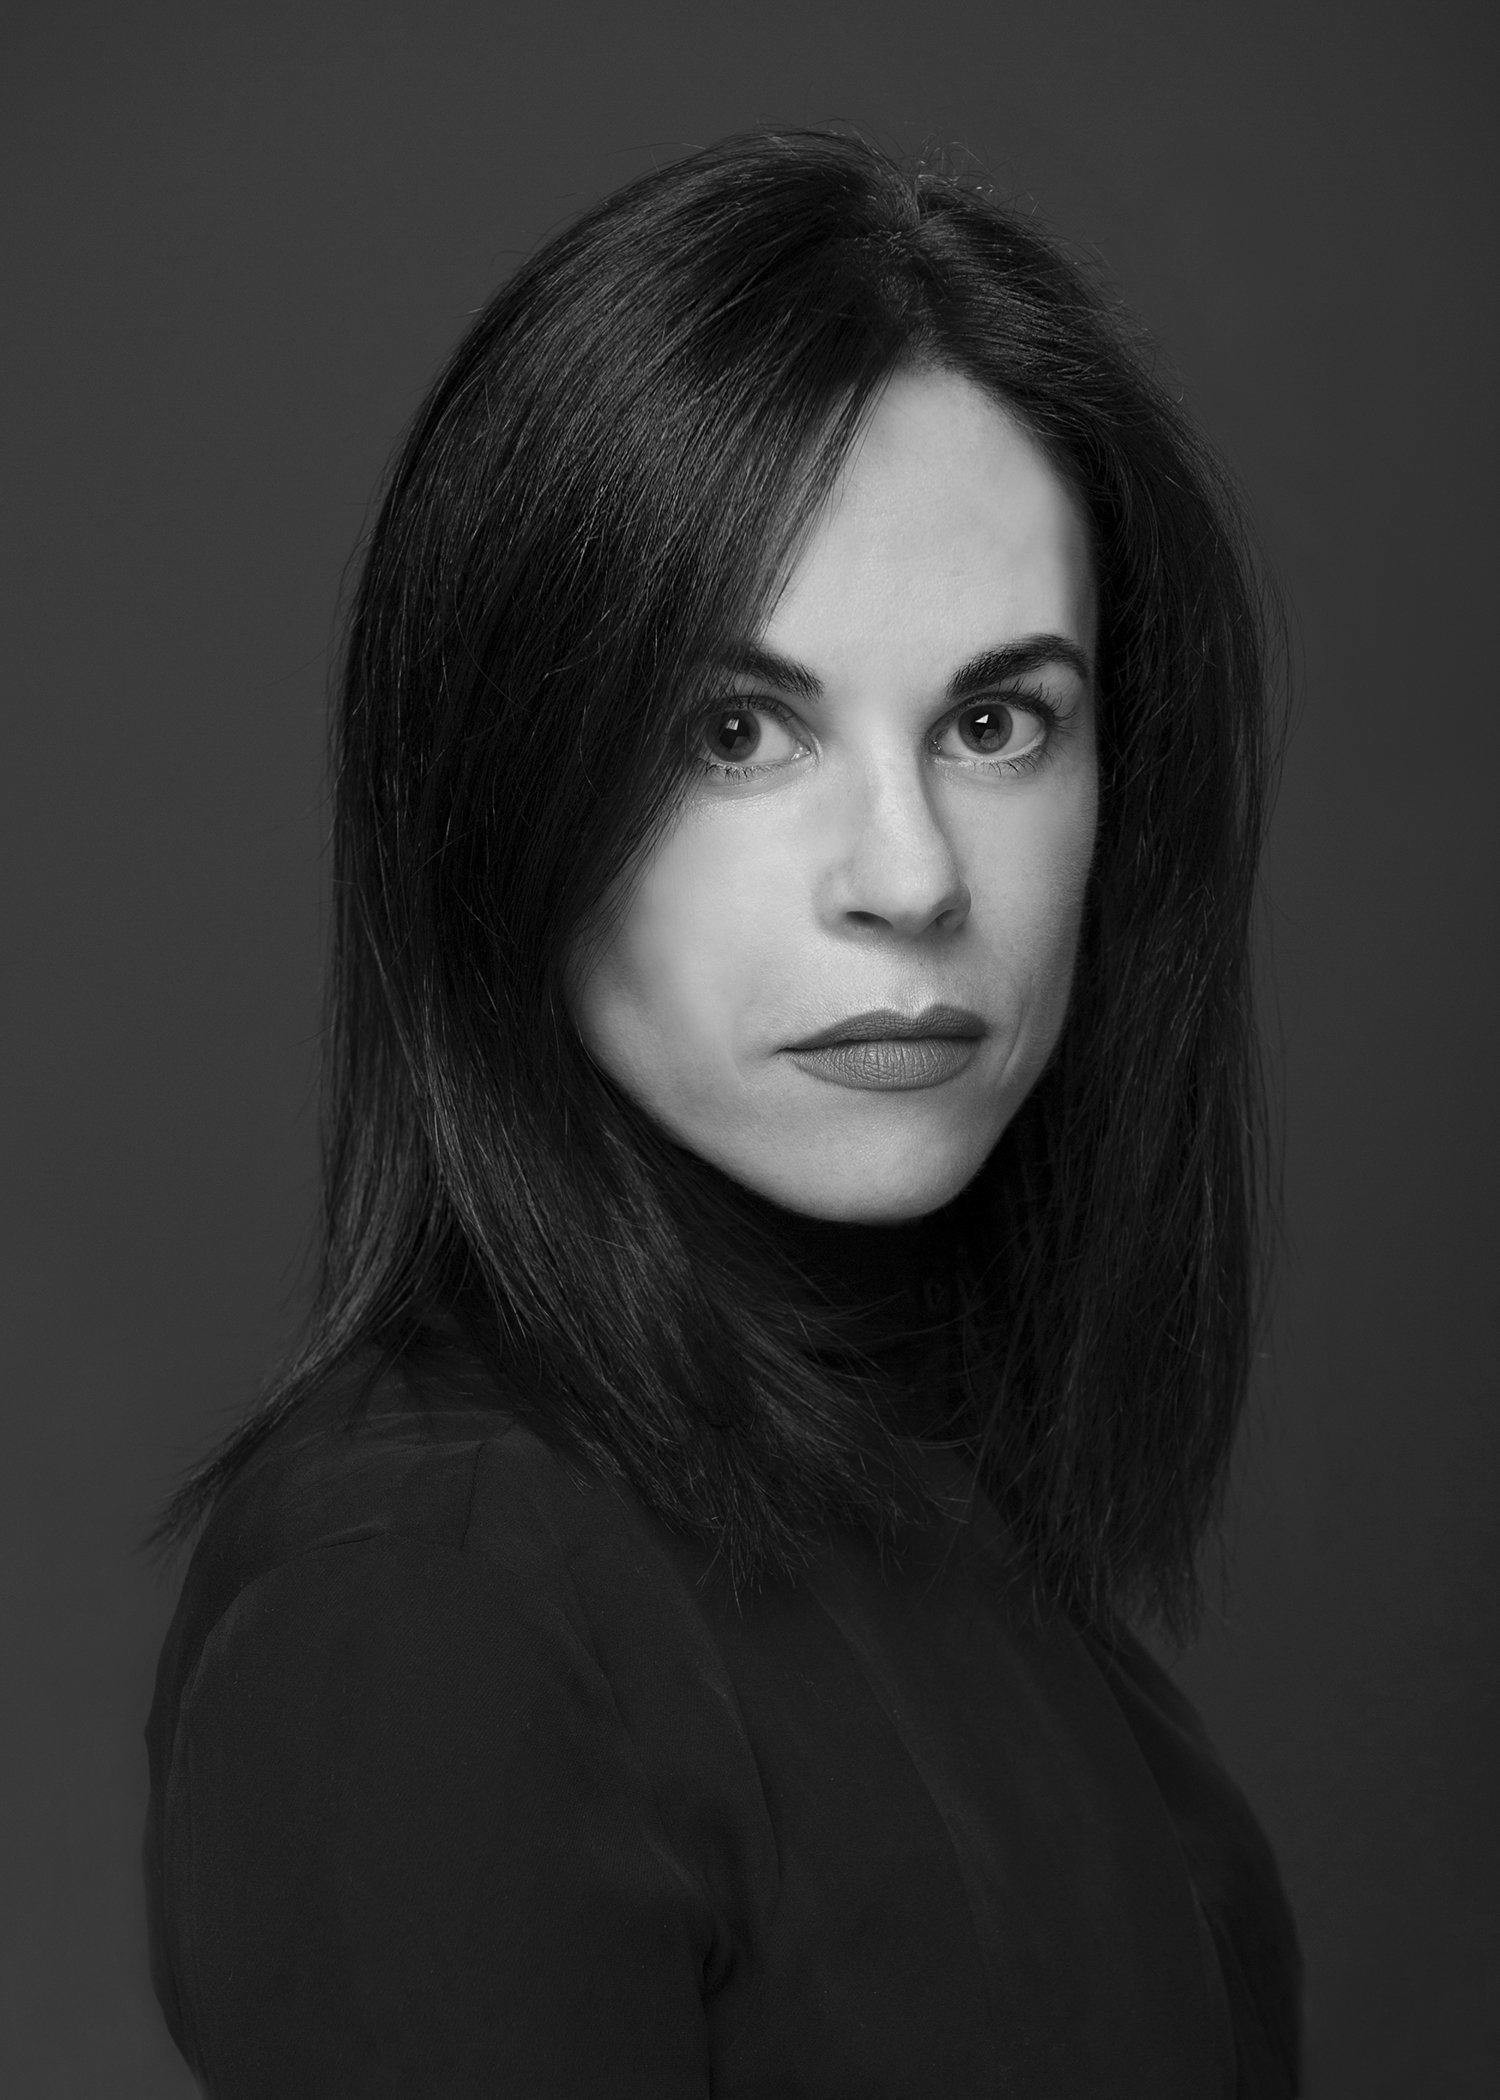 Photograph by AnnaLena Seemann